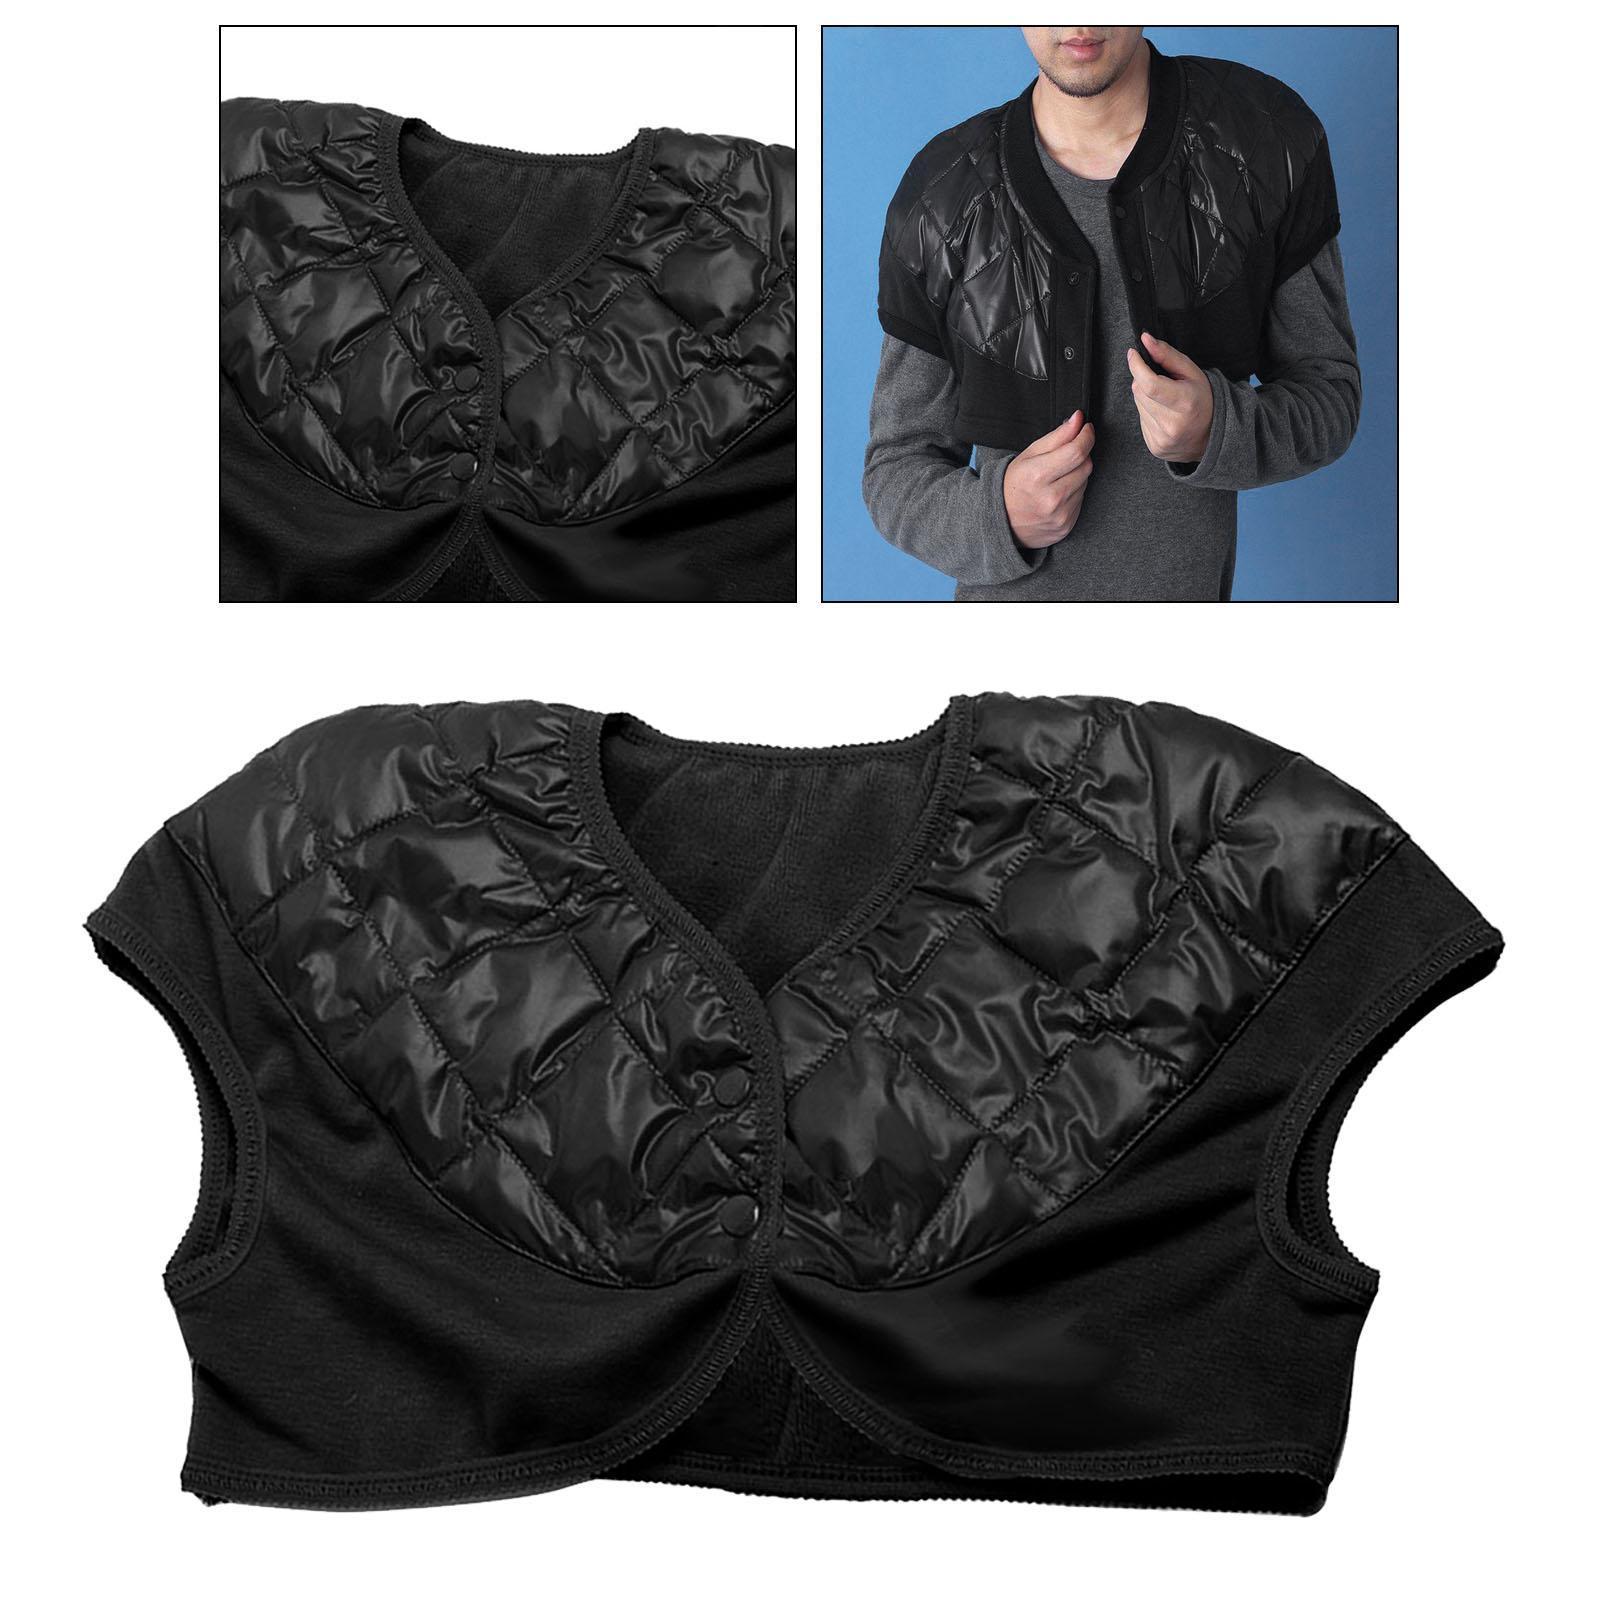 Femmes-Hommes-Down-Jacket-Chaud-Manteau-Court-Epaule-Chaud-Thermique-Wrap miniatura 41